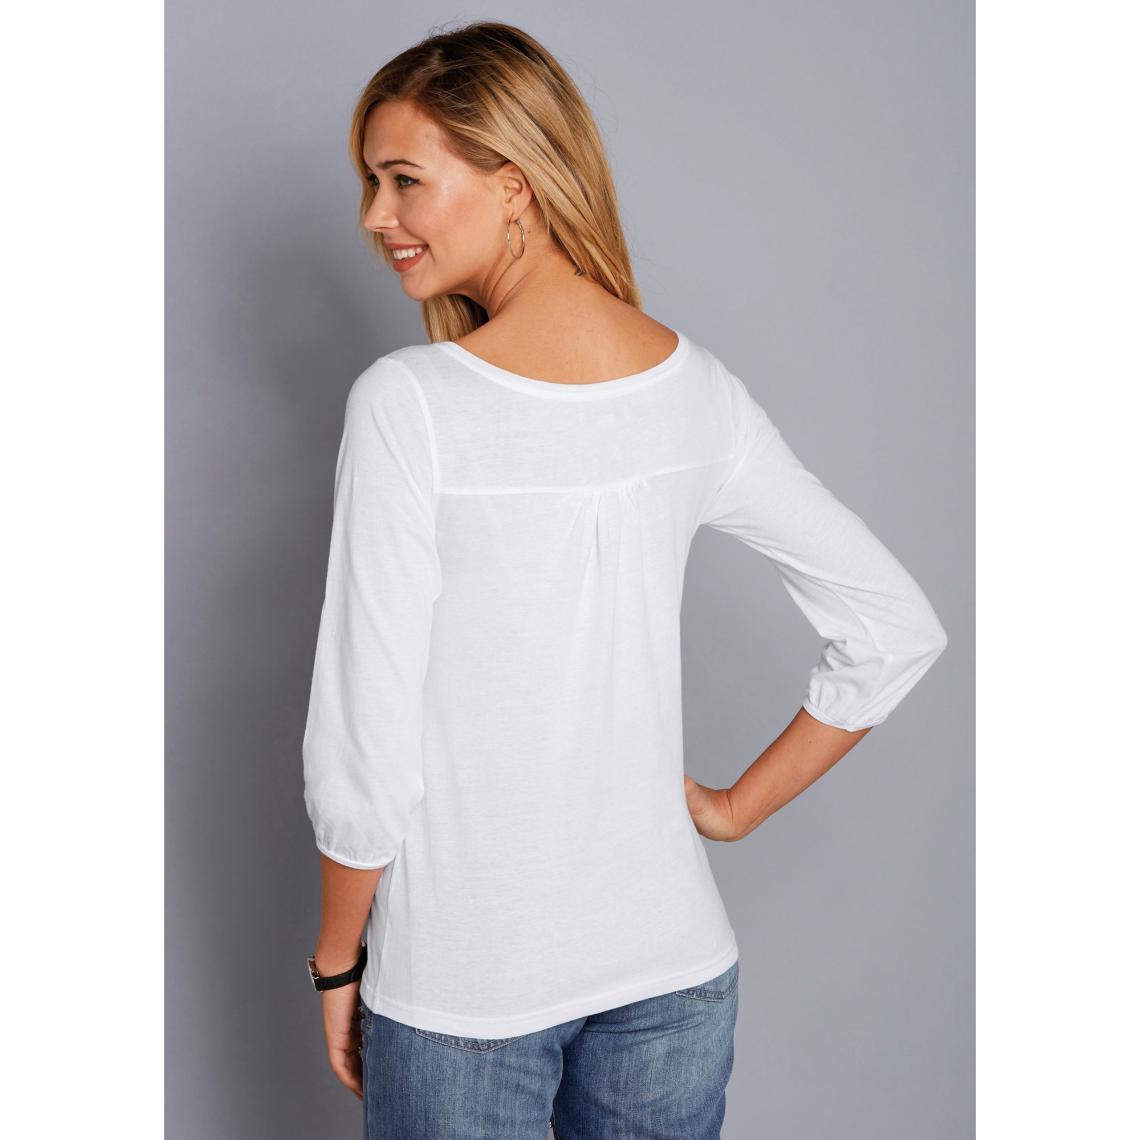 tee shirt femme manche 3/4